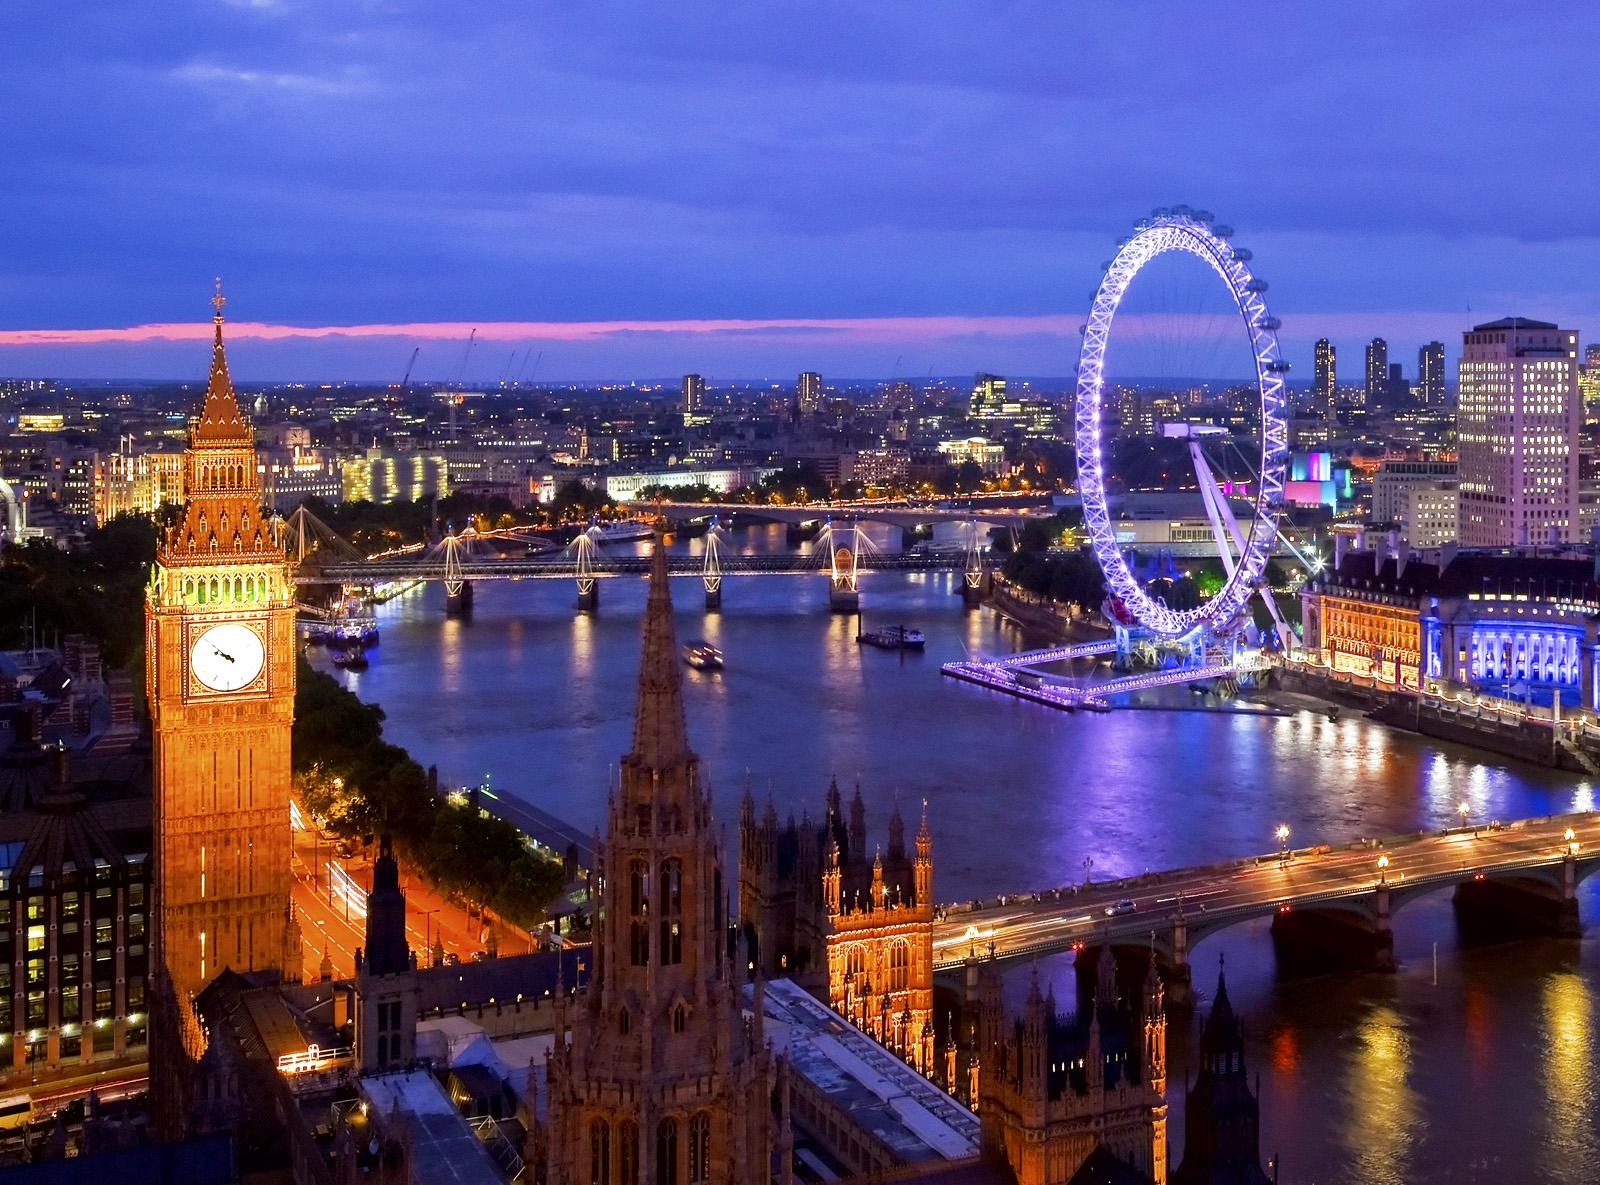 Лондон зажигает огни